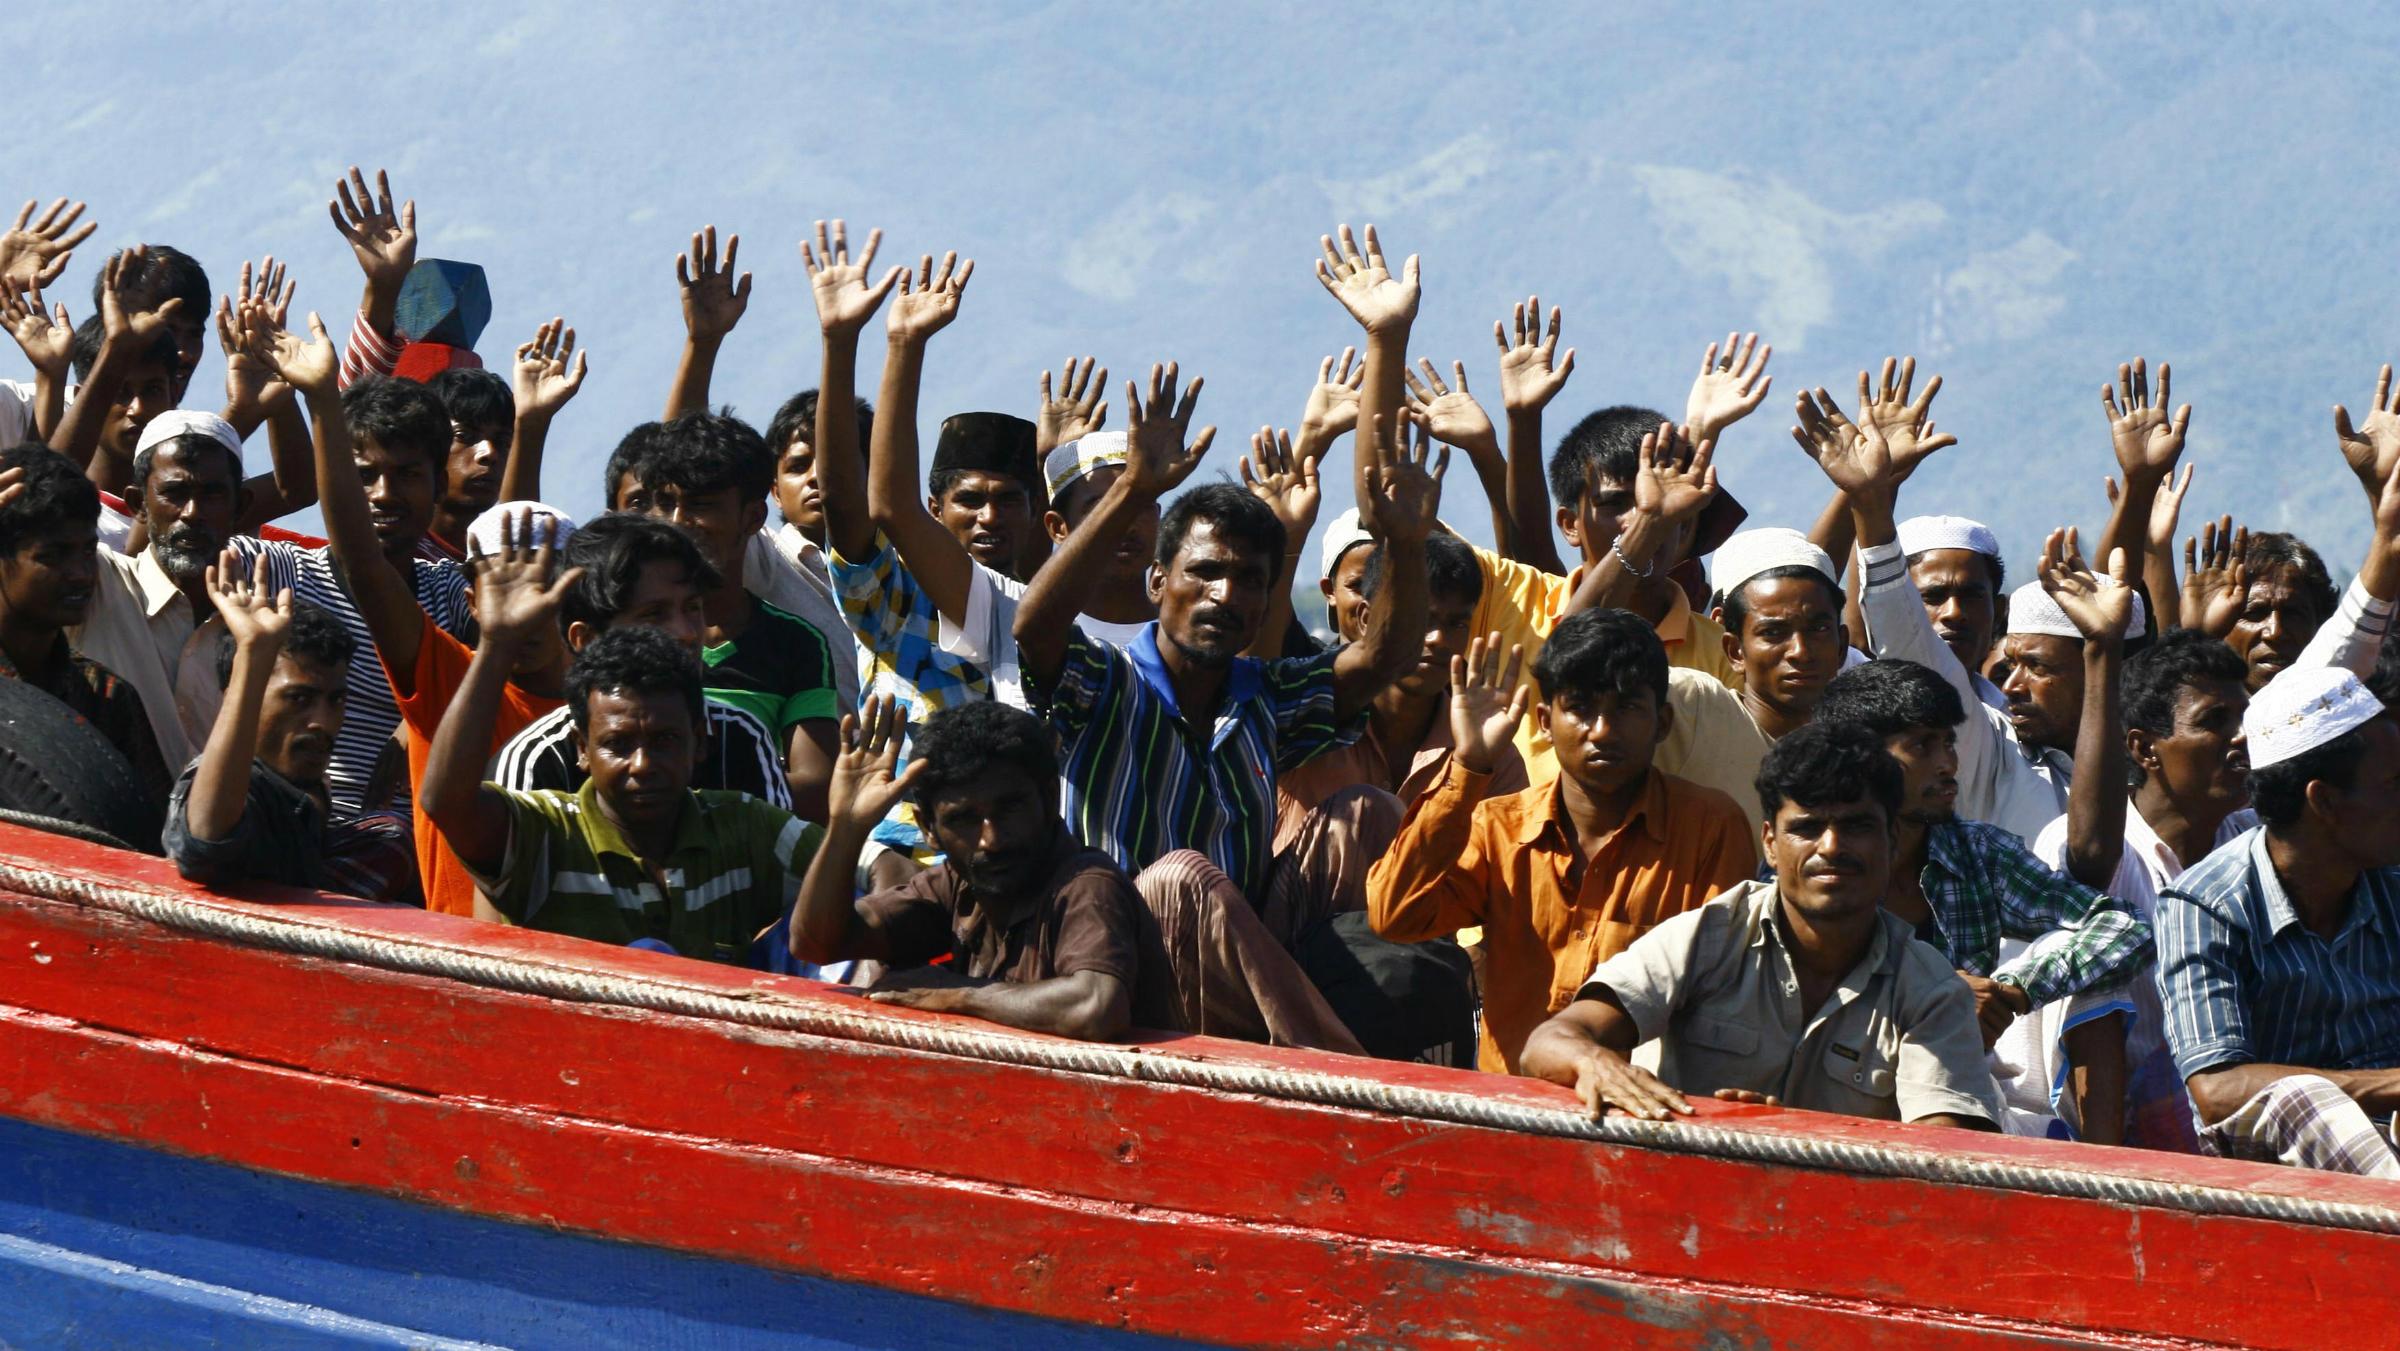 RohingyaRefugees